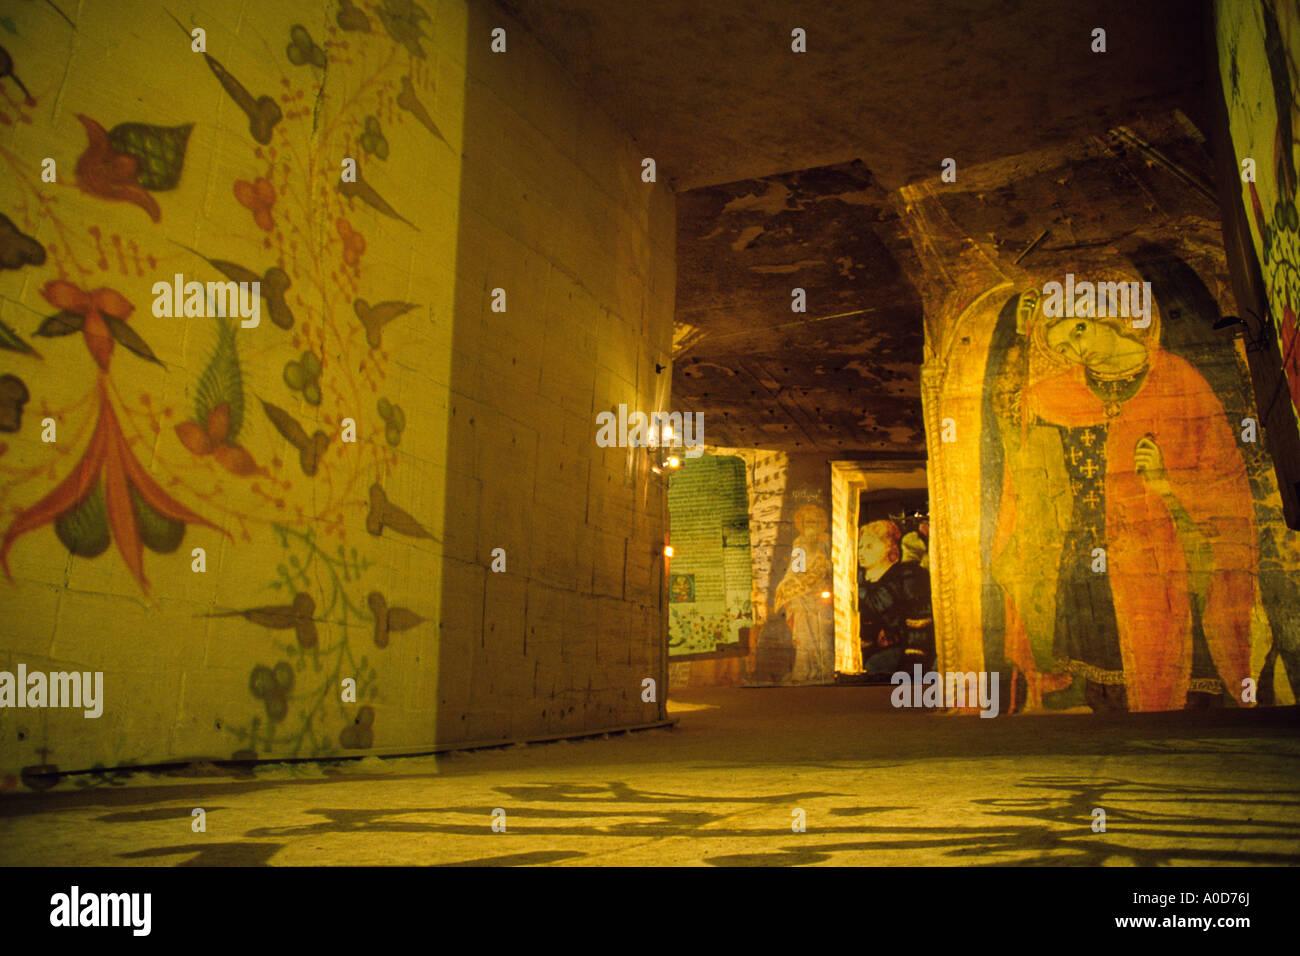 Francia Les Baux de Provence Cathedrale des images Val d'Enfer diapositive vengono proiettati sulle pareti della ex cava di bauxite Immagini Stock